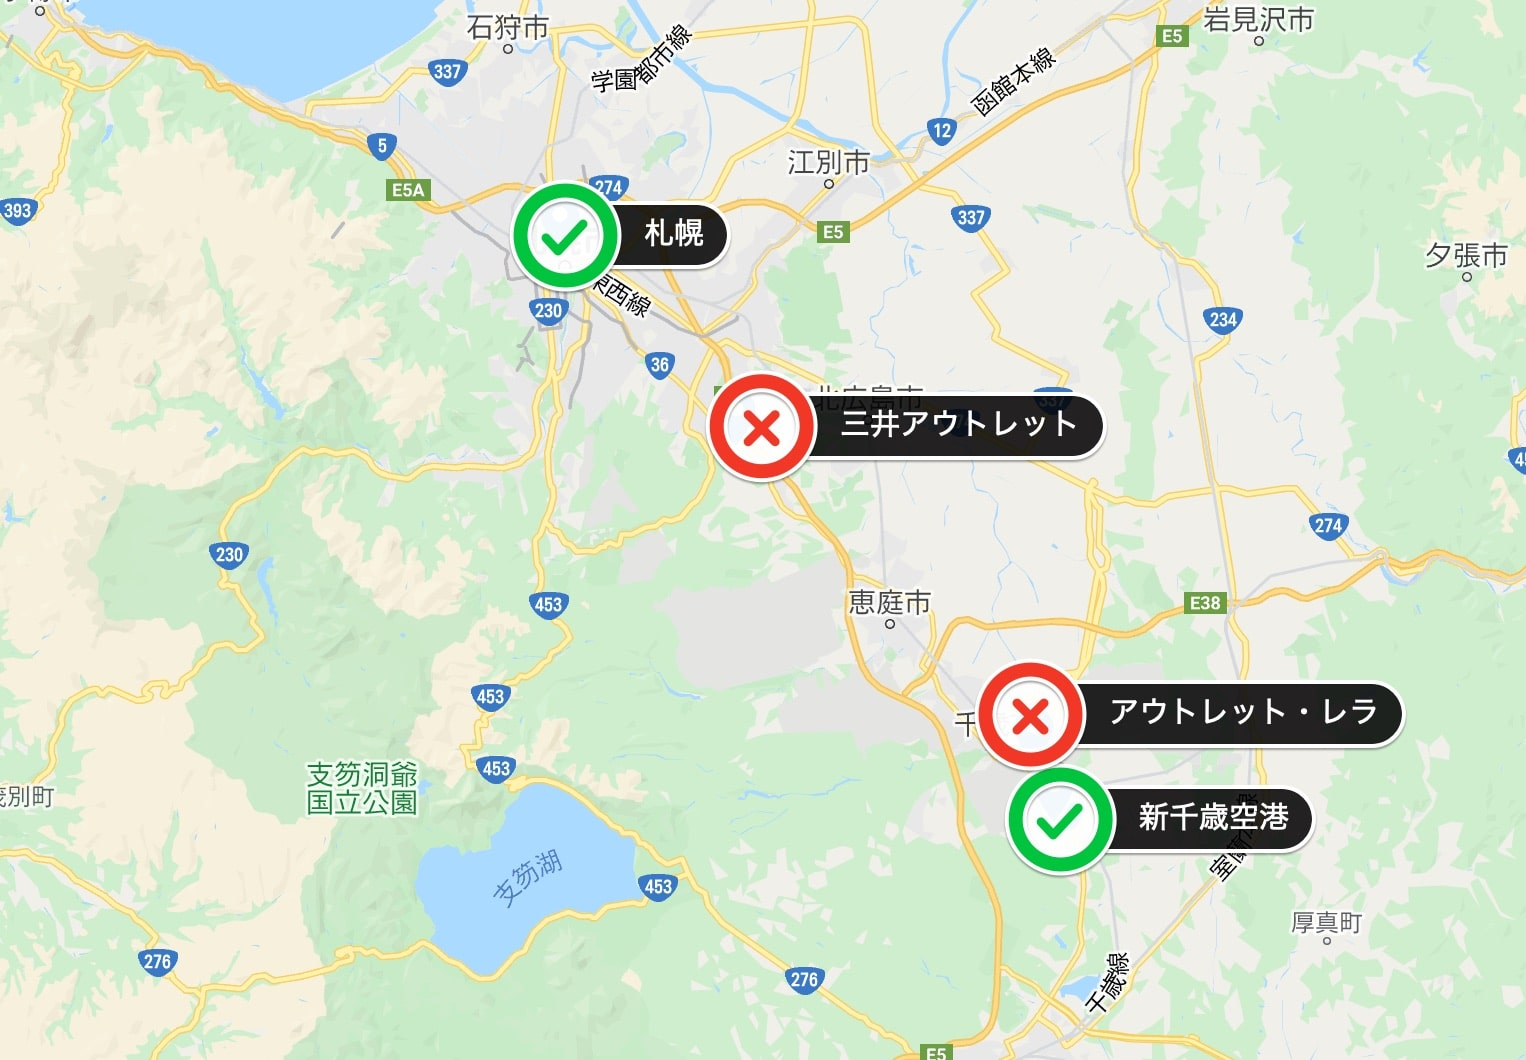 北海道アウトレットモール地図